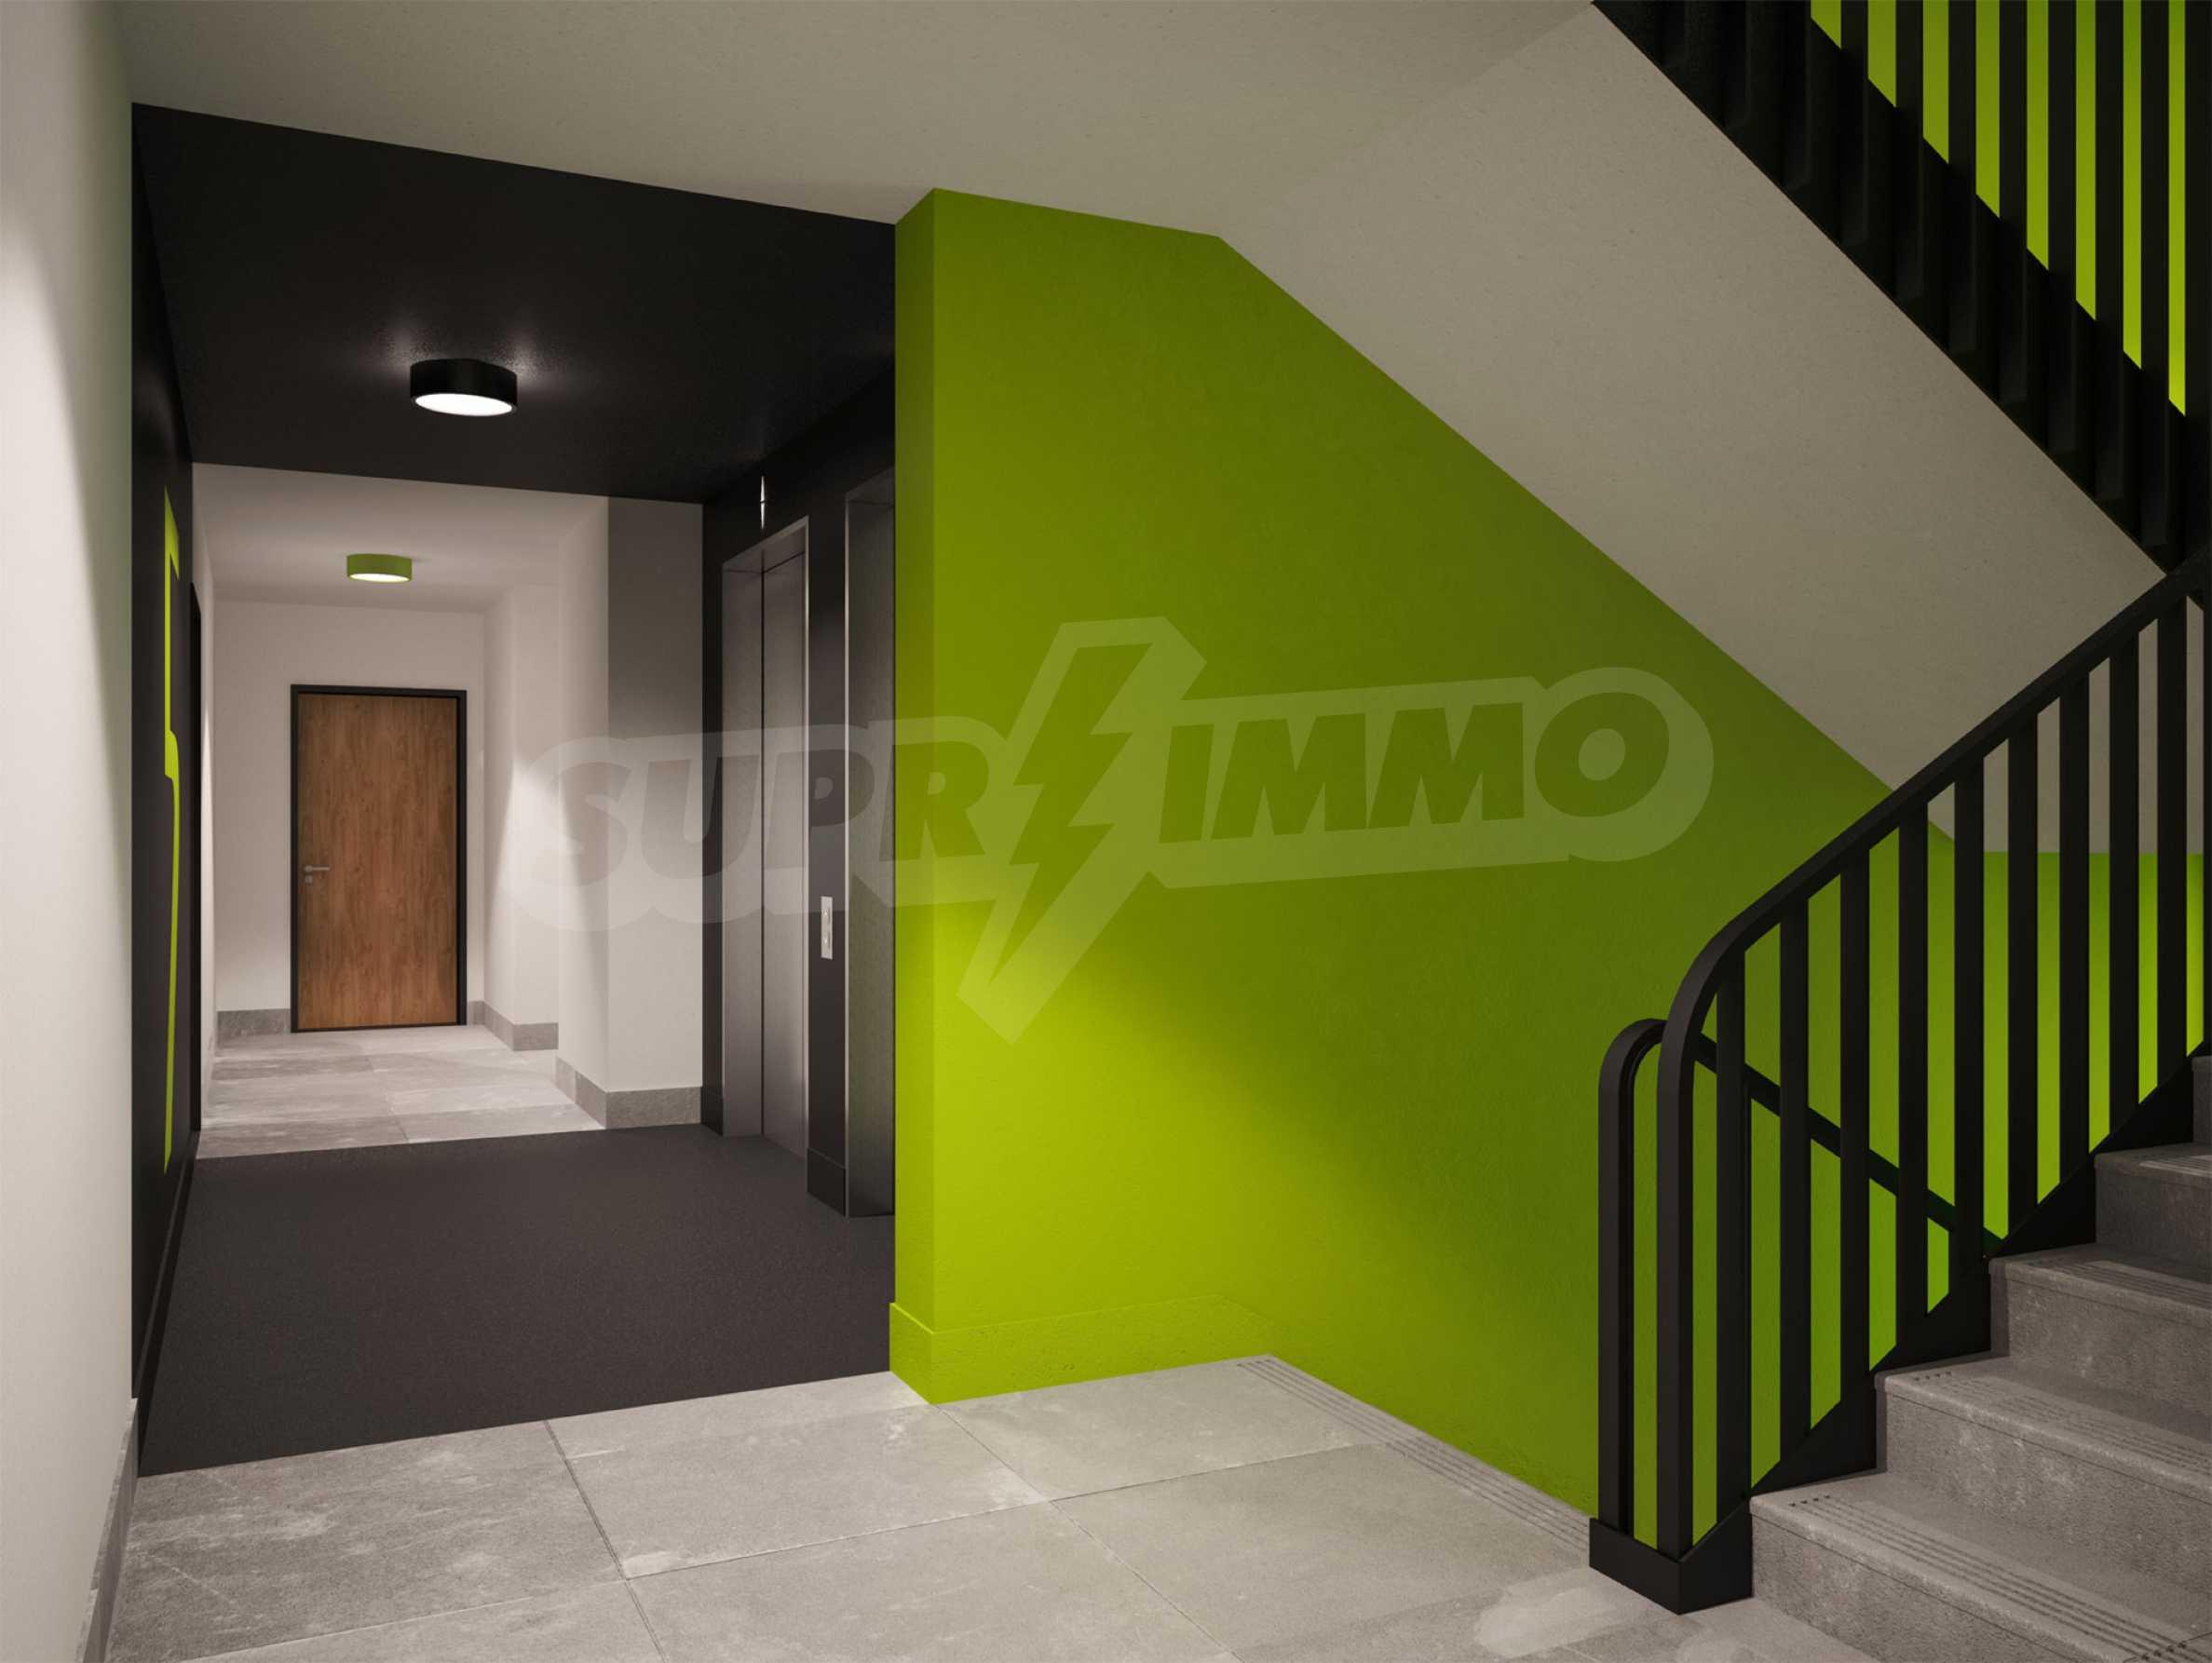 Neues Wohngebäude mit Büros und Geschäften in der Nähe von NBU zu PROMO-Preisen 4